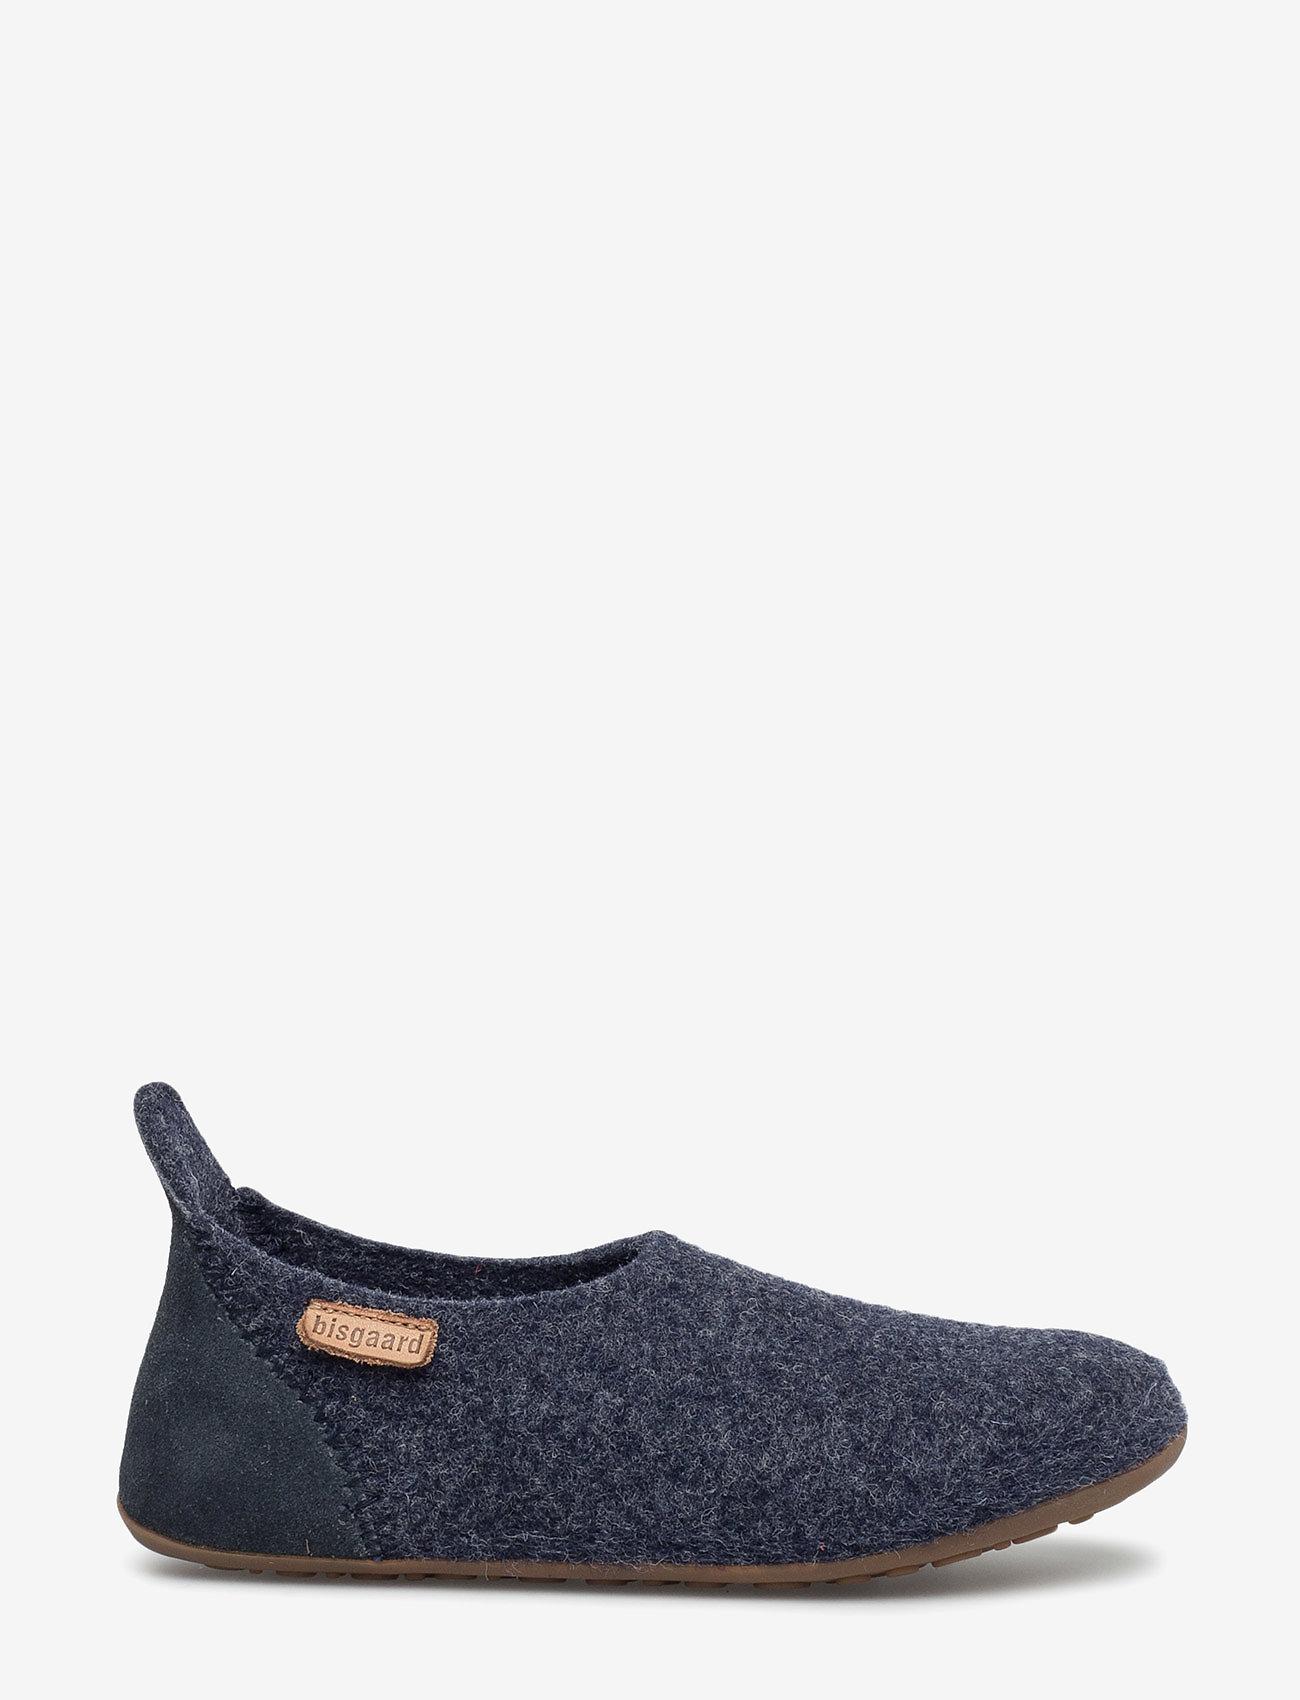 Bisgaard - bisgaard basic wool - schuhe - 20 blue - 1